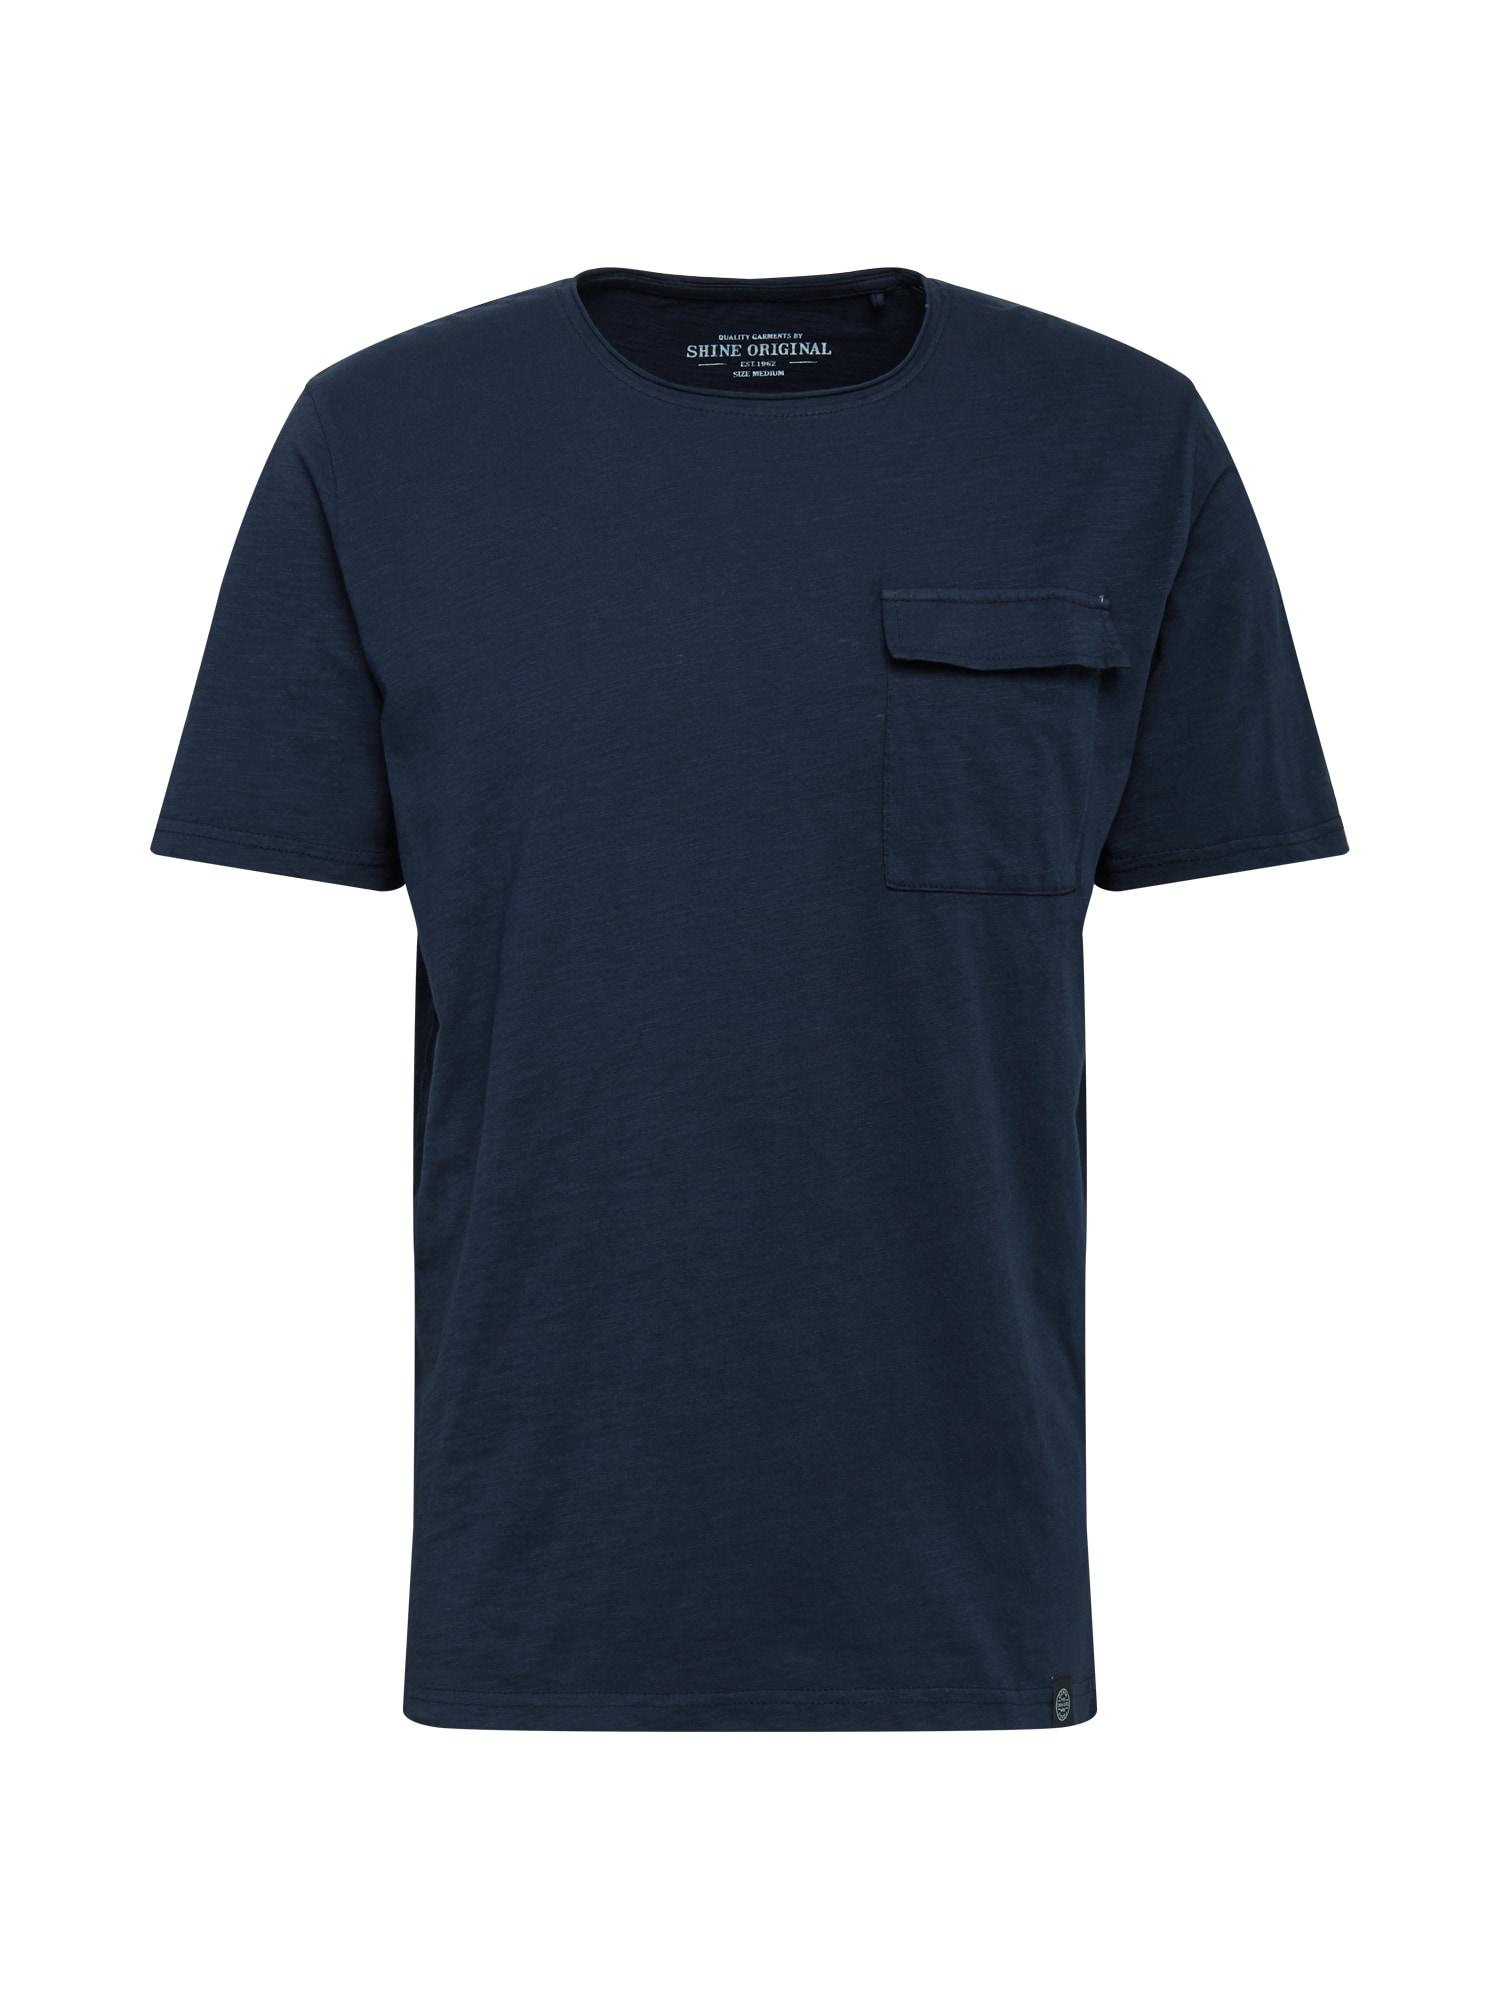 SHINE ORIGINAL Marškinėliai tamsiai mėlyna